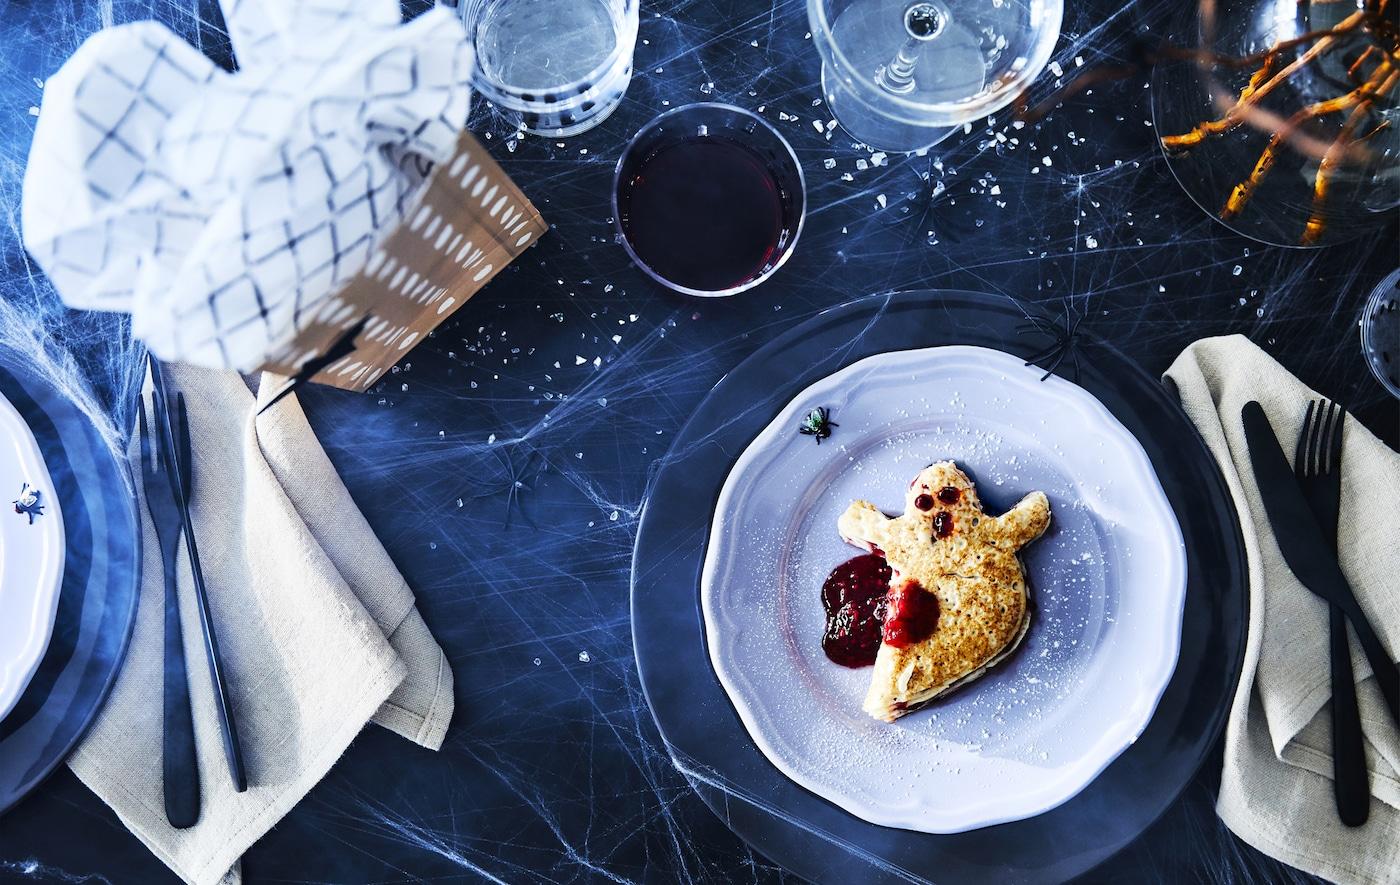 Recorte panquecas assustadoras com uma faca. A IKEA oferece panquecas congeladas já prontas, simples de aquecer. Sirva num prato de sobremesa, como ARV, em roxo, e nos copos baixos ÖVERSIKT, às bolas, perfeitos para as crianças pegarem!